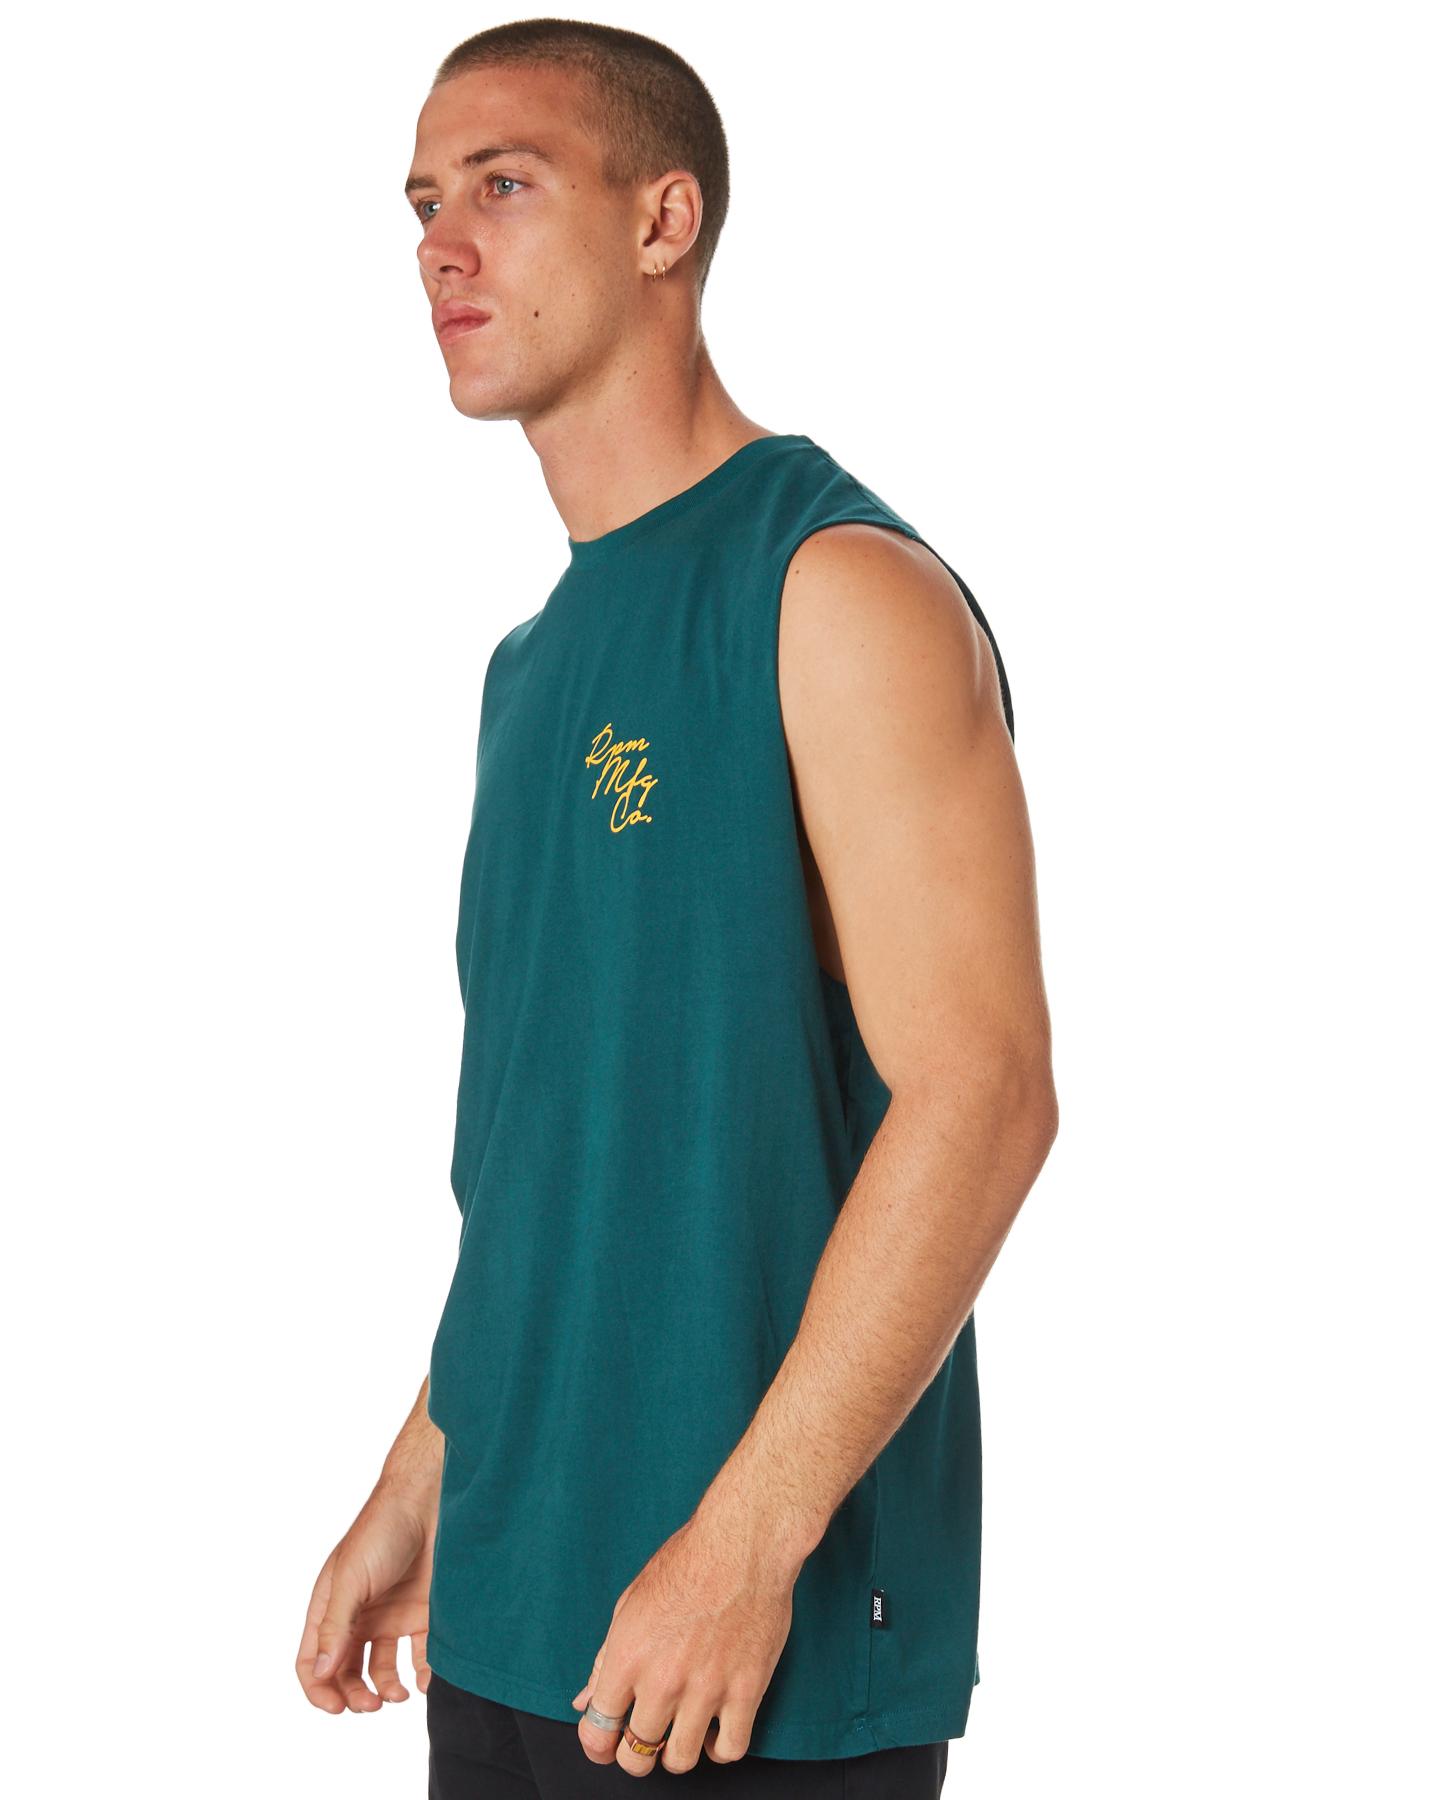 fbaf6070e9c5fc ... TEAL MENS CLOTHING RPM SINGLETS - 8HMT04ATEAL ...